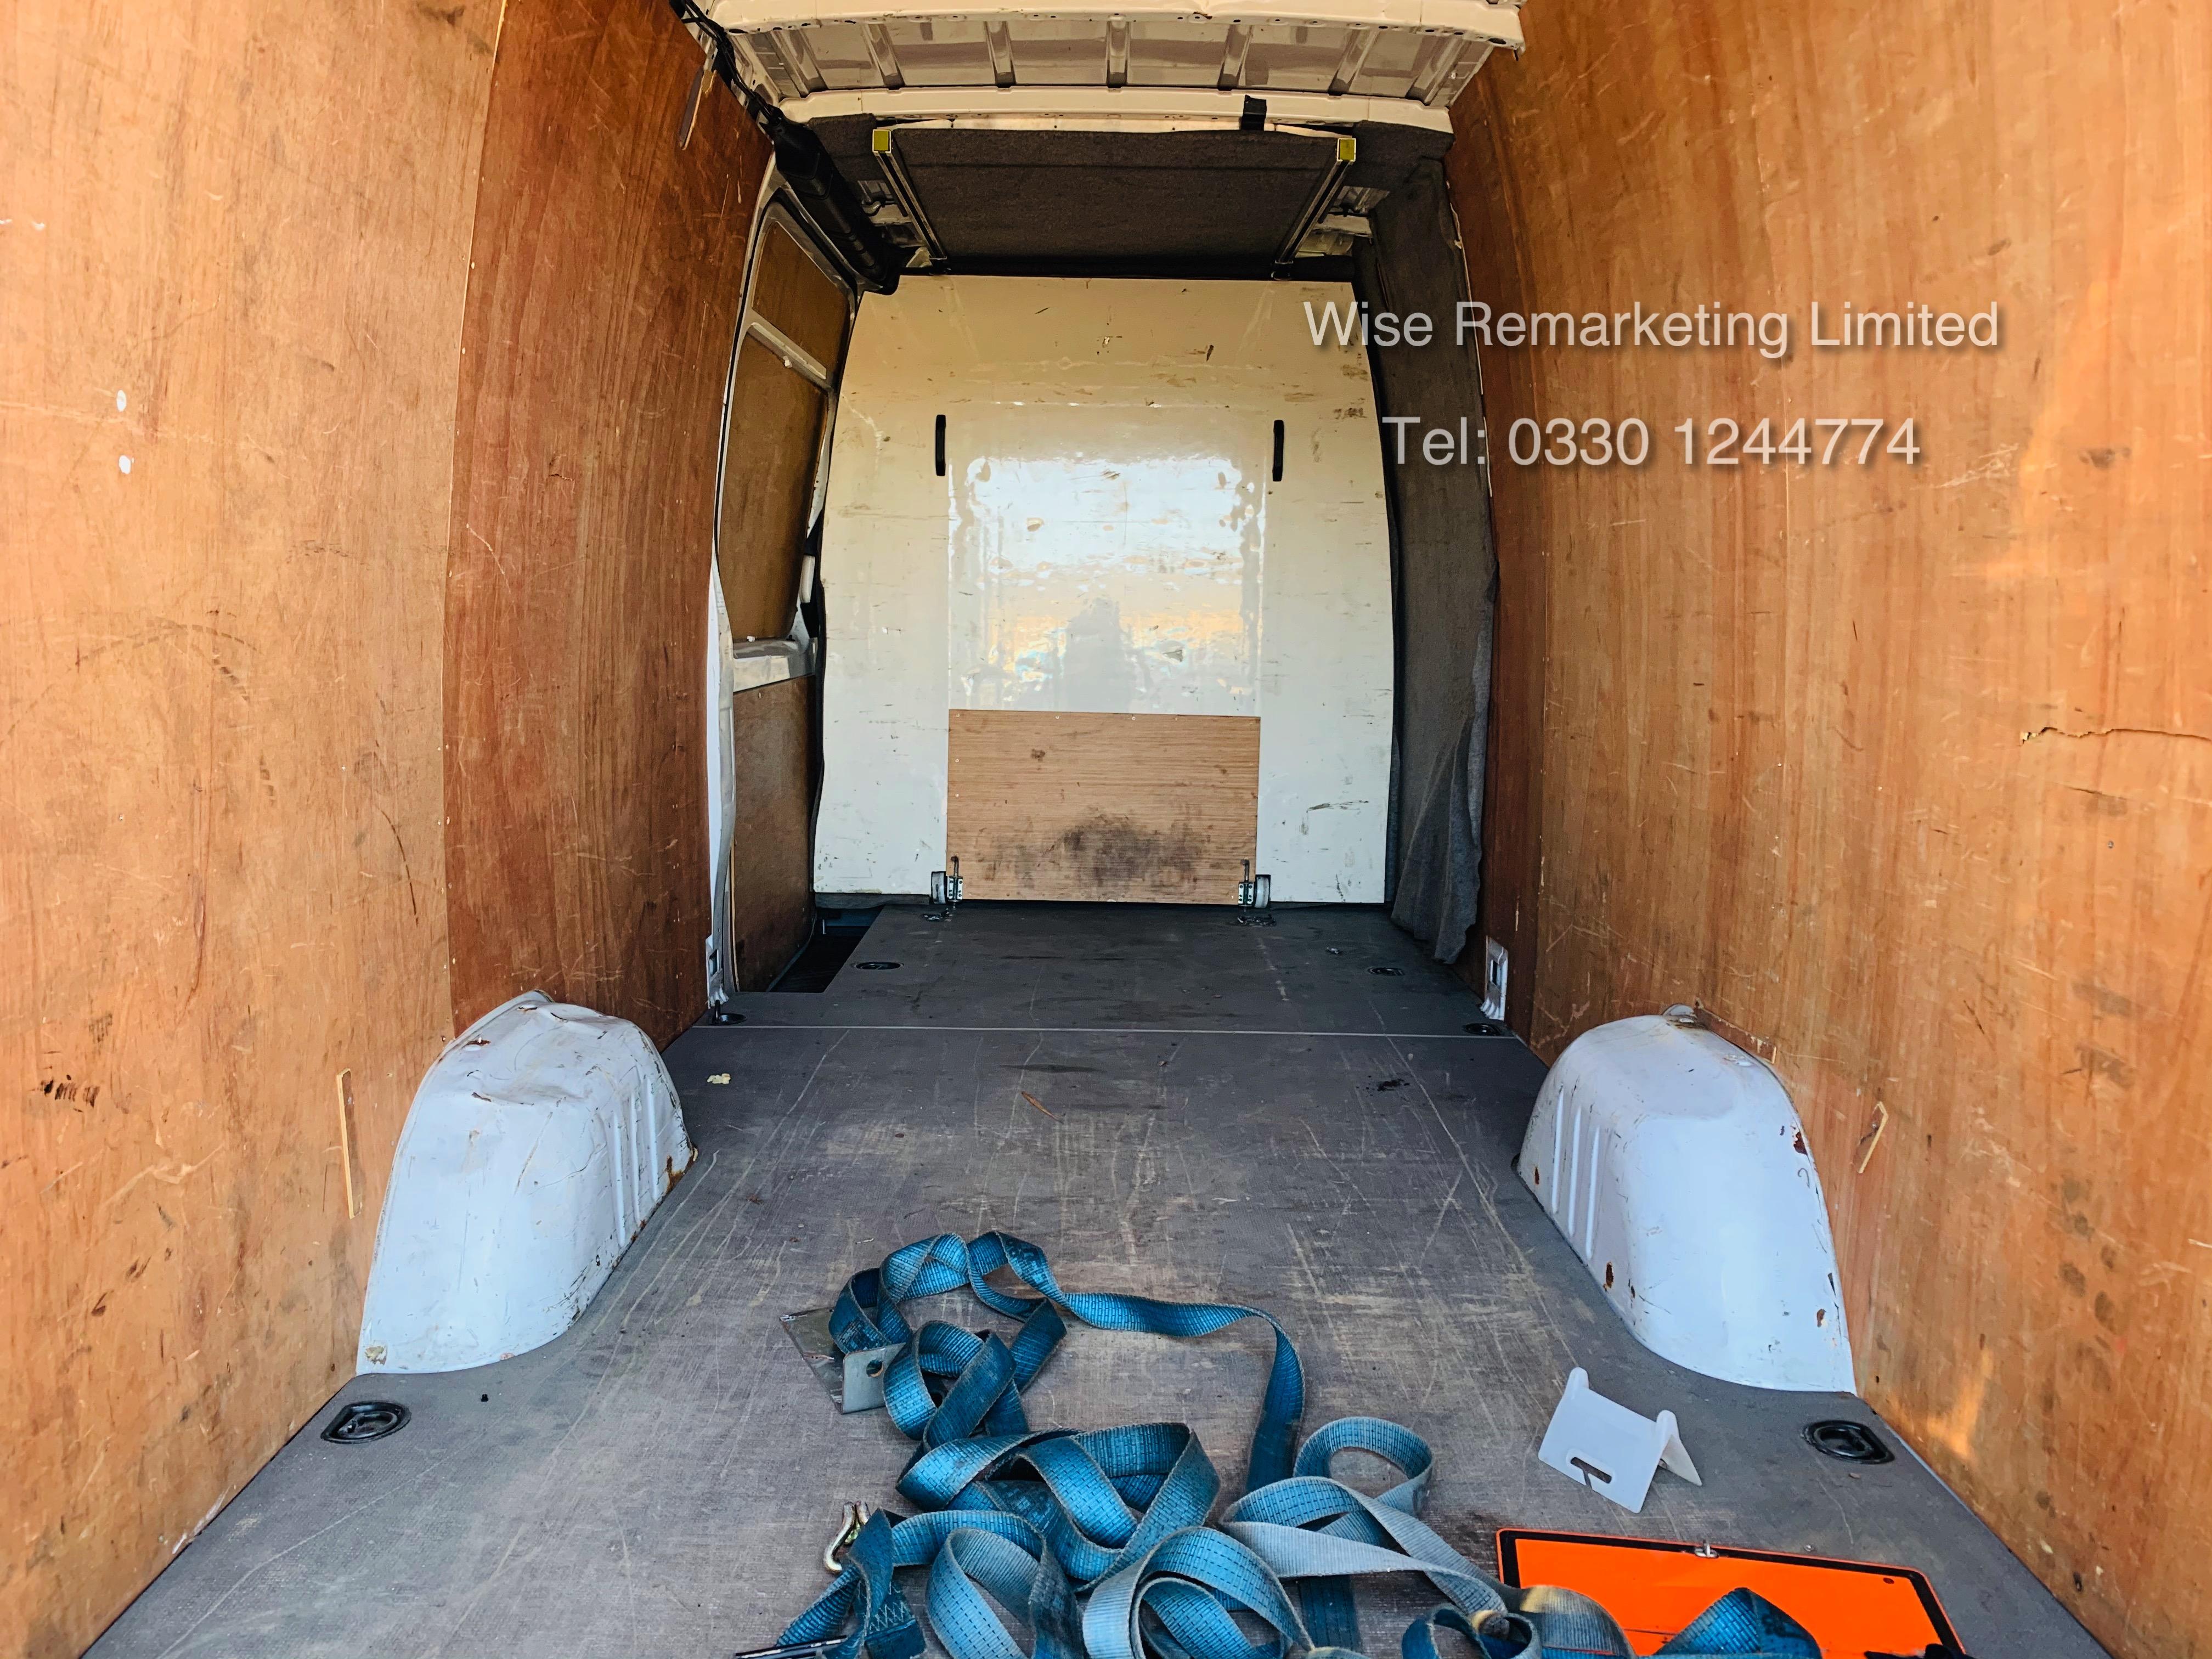 (RESERVE MET) Mercedes Sprinter 316 2.1 CDI Long Wheel Base High Roof Van - 2014 Model - 1 Owner - Image 7 of 19